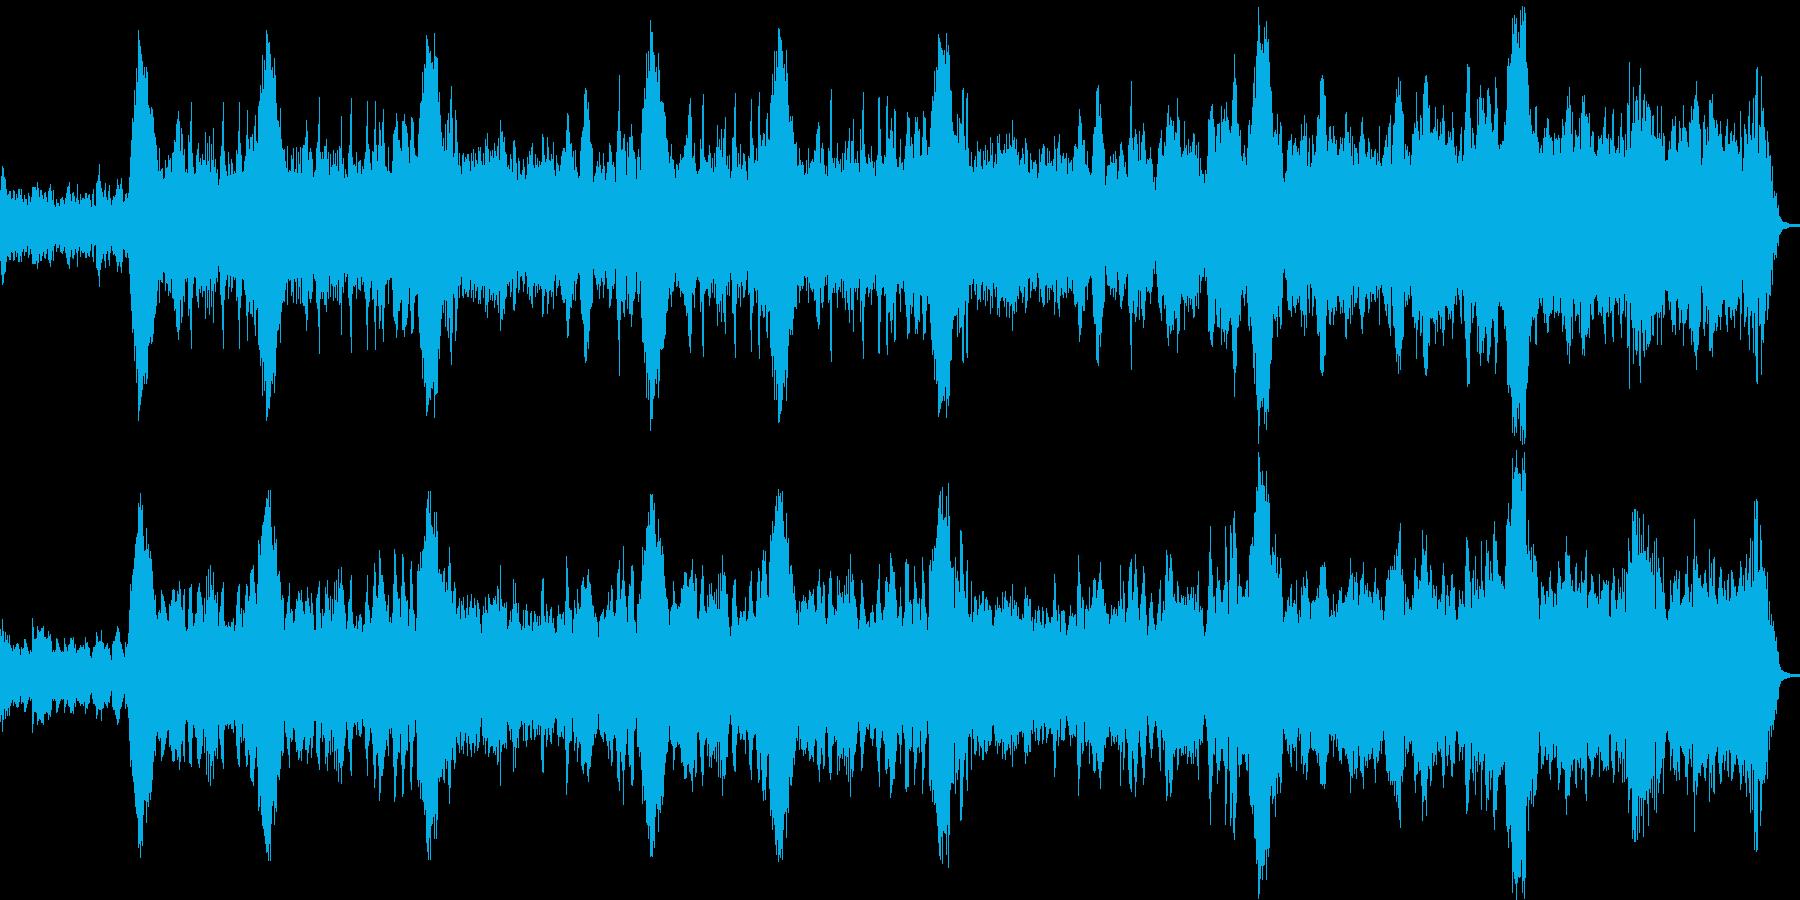 フルートとハープのノスタルジックな曲の再生済みの波形